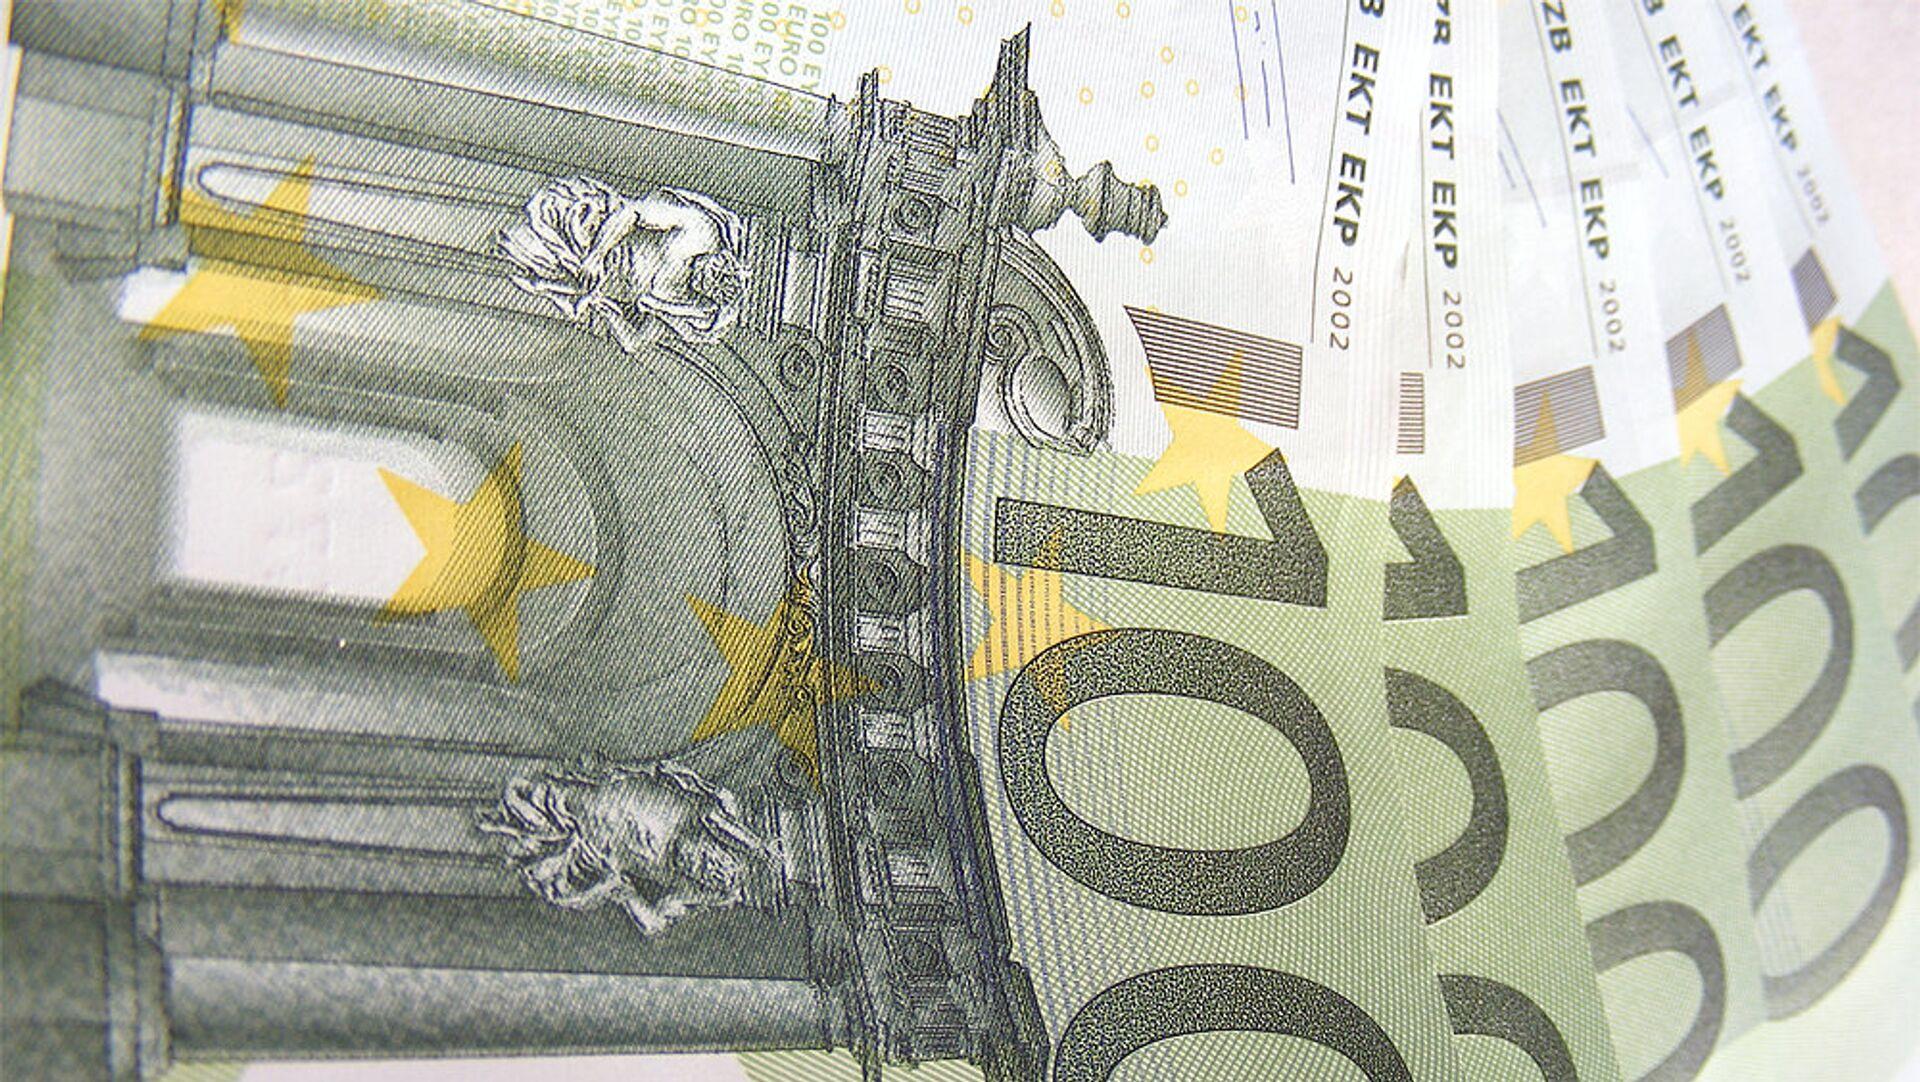 Ucraina e banca di sviluppo statale tedesca KfW firmeranno giovedì un accordo per un prestito del valore di 200 milioni di euro - Sputnik Italia, 1920, 20.02.2021